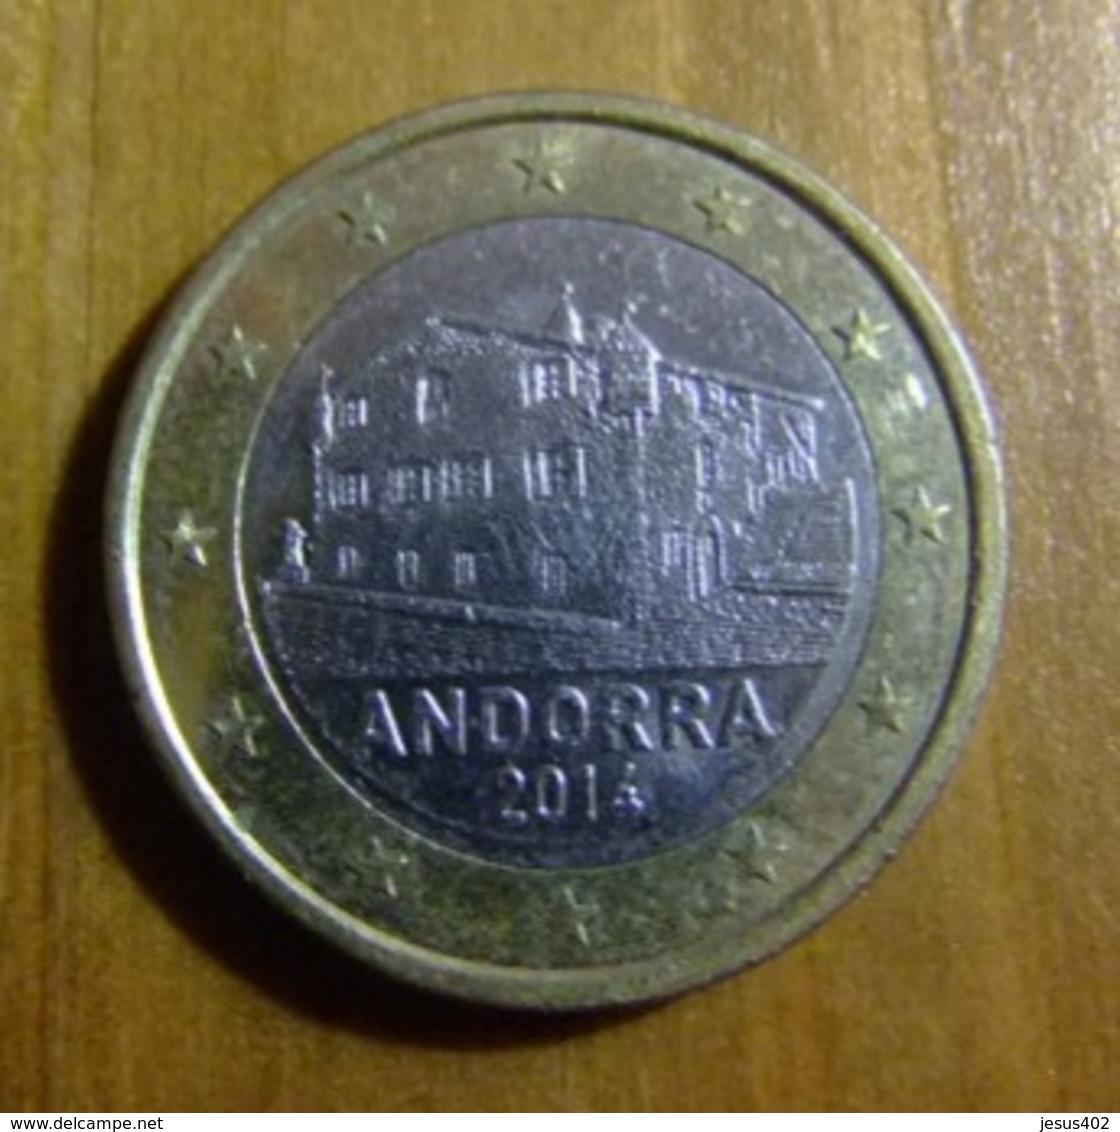 ANDORRA / ANDORRE 1 EUROS 2016  La Casa De La Vall - Andorra